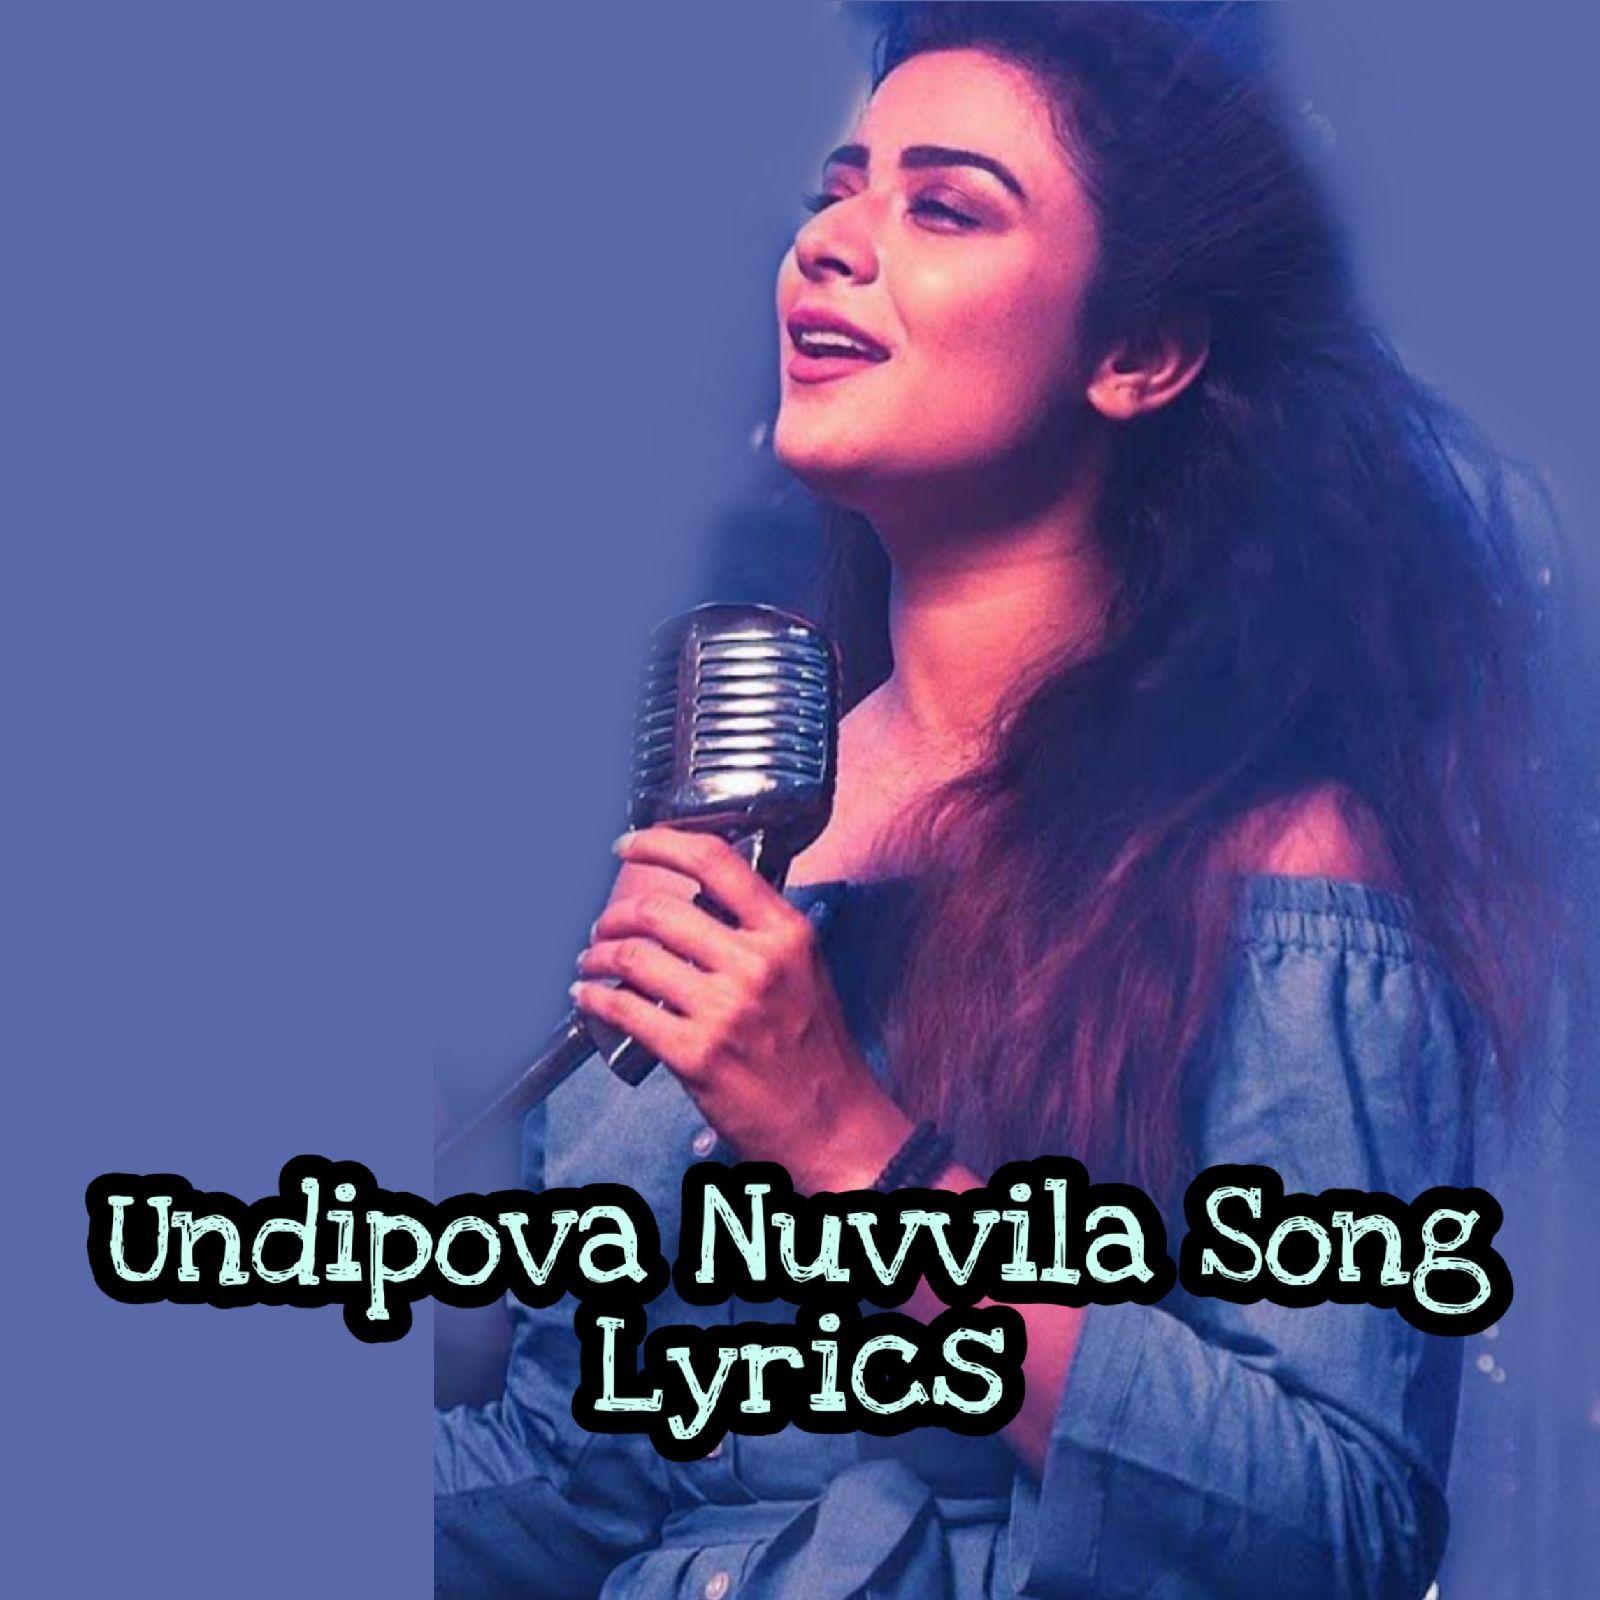 Undipova Nuvvila Song Lyrics Savaari In 2020 Songs Song Lyrics Lyrics